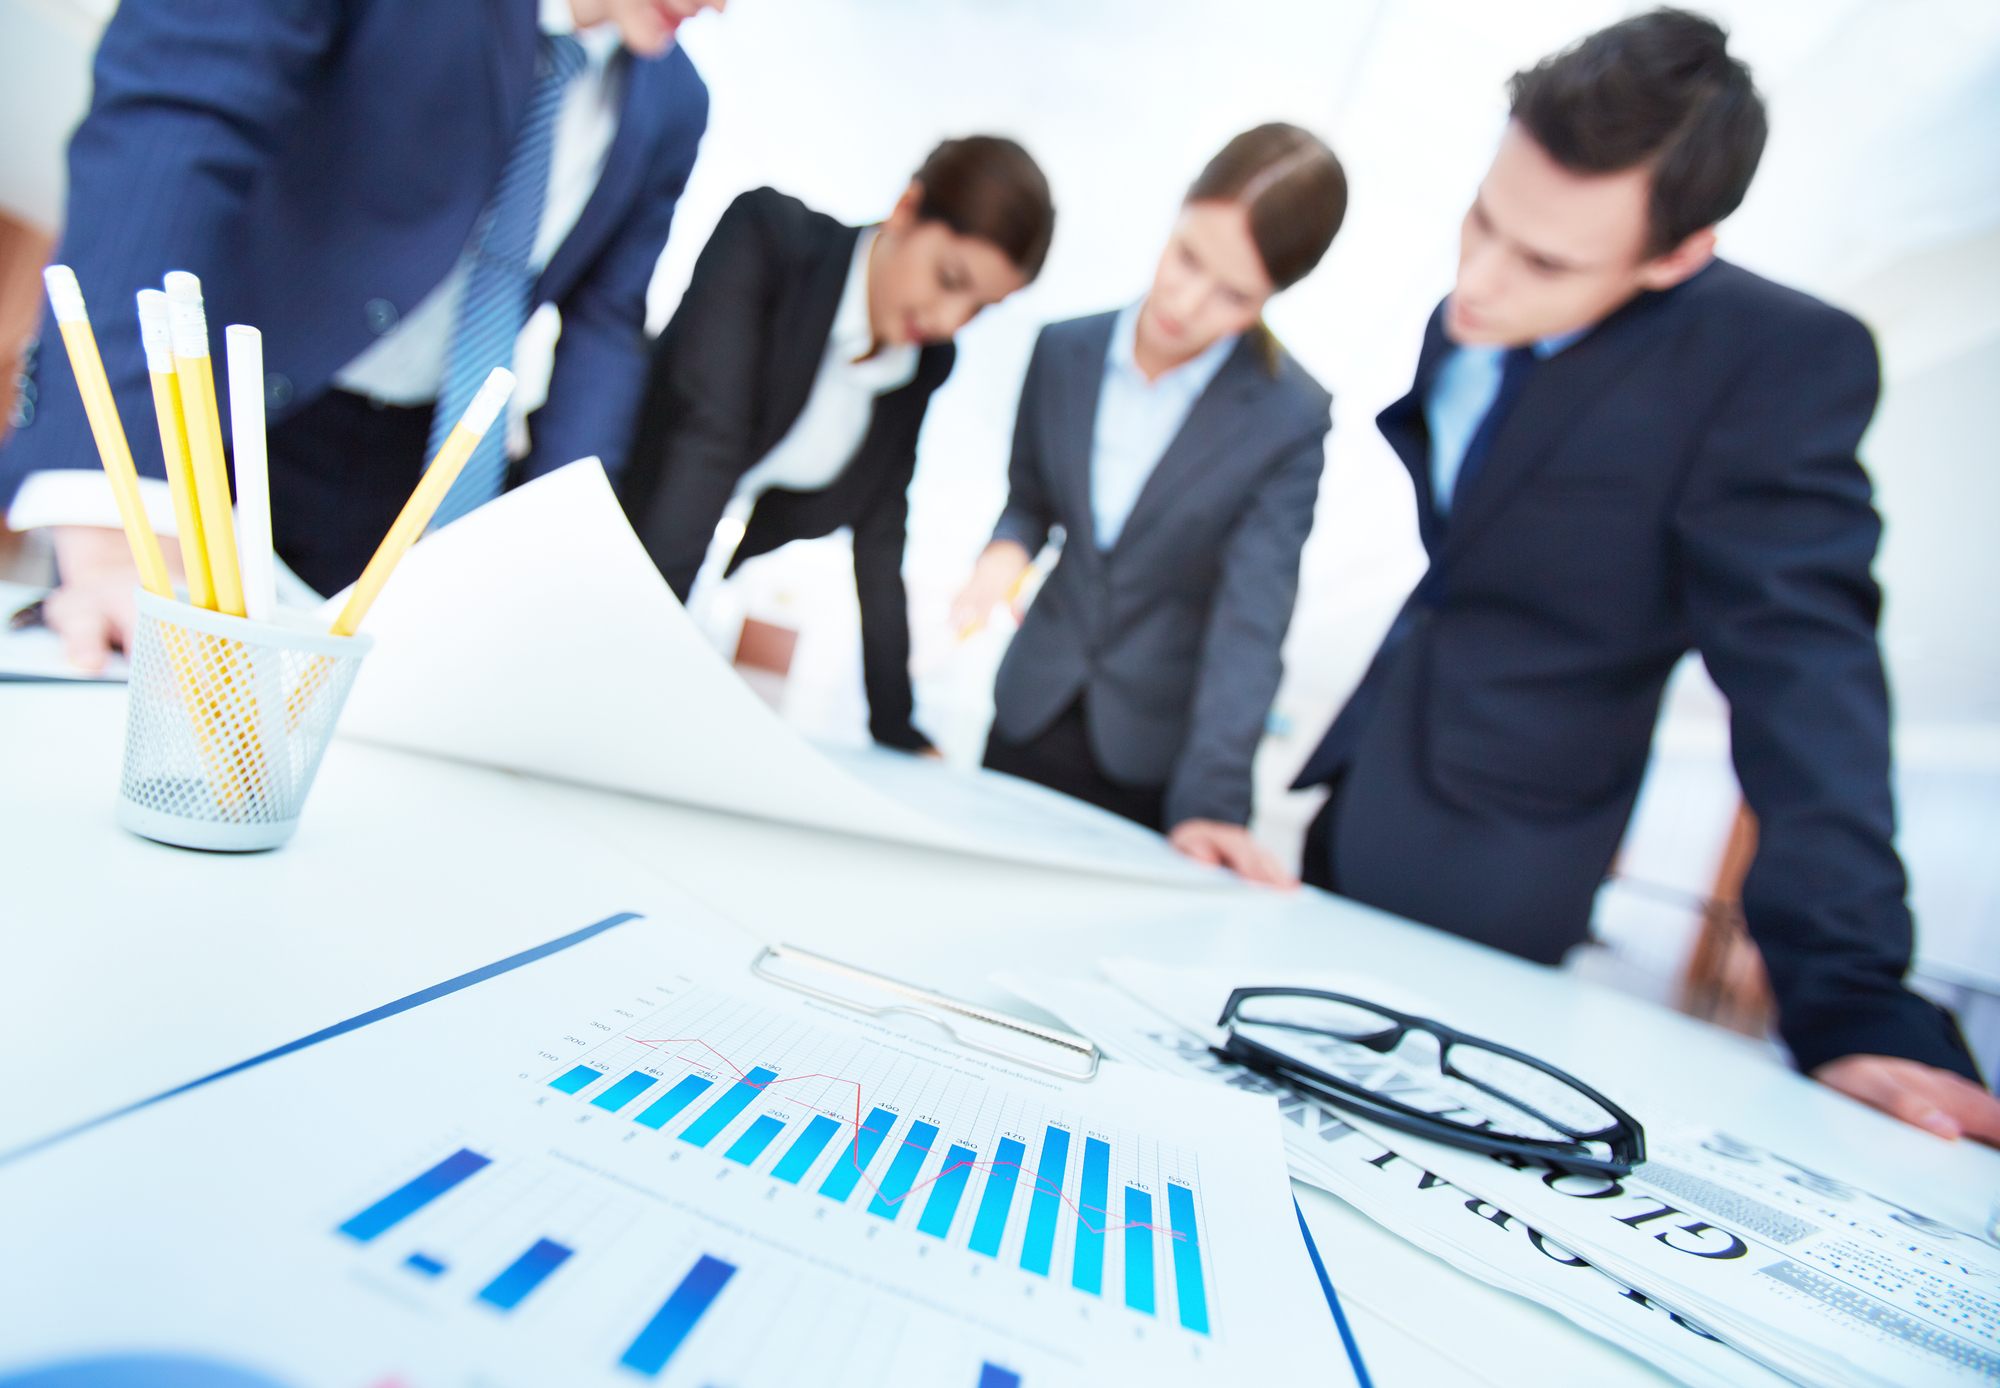 Картинки развития предпринимательства